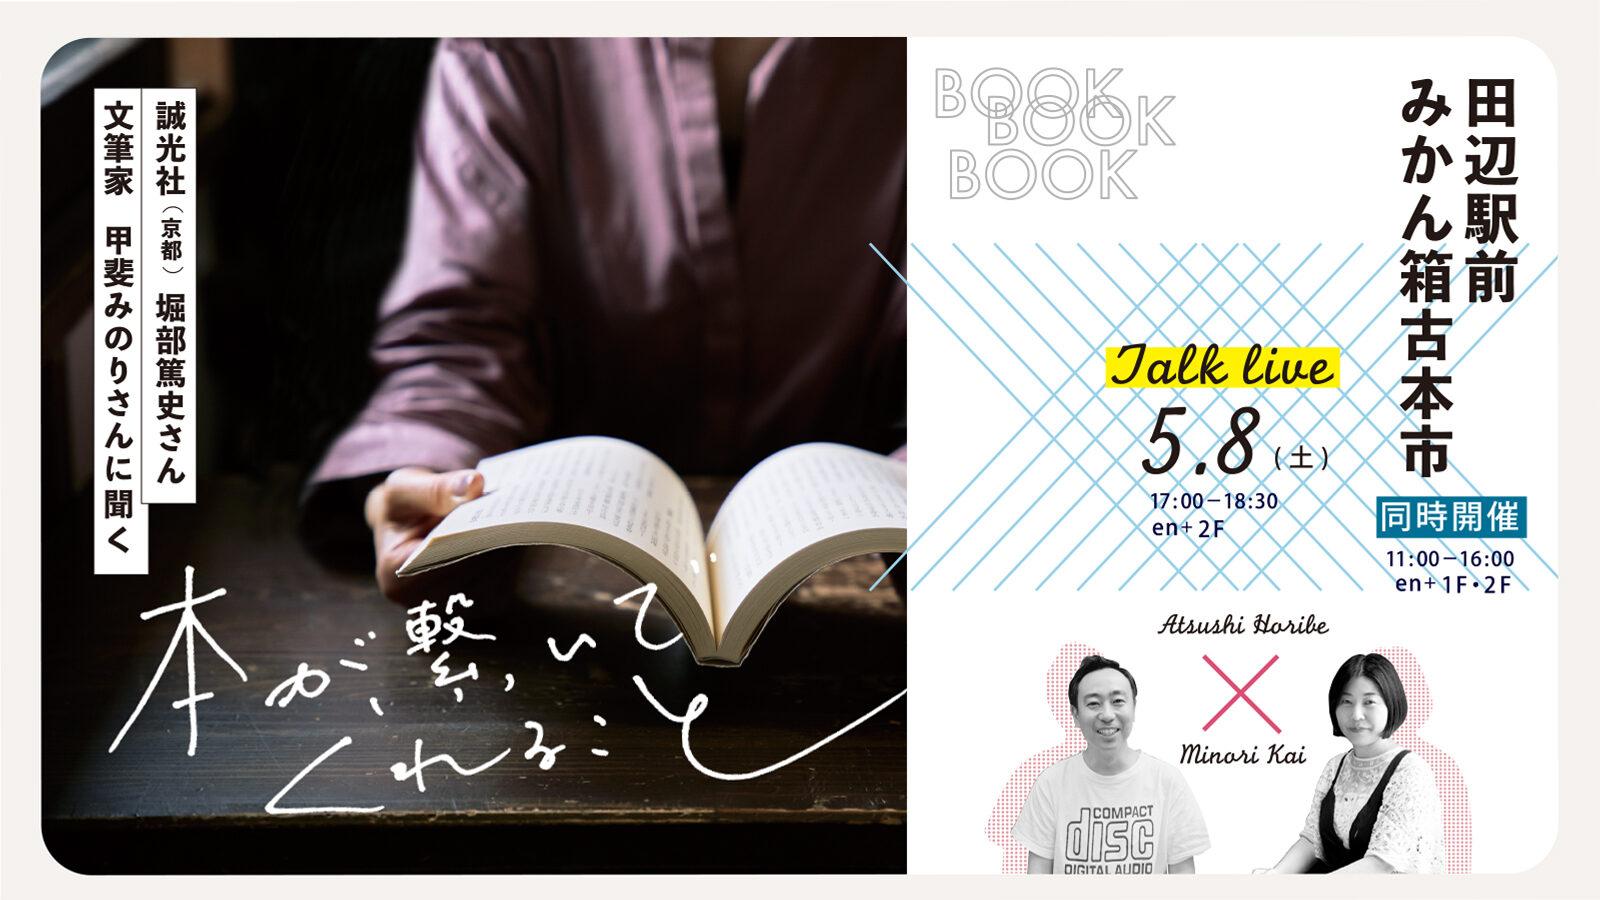 誠光社 堀部篤史さん・文筆家 甲斐みのりさんに聞く「本が繋いでくれること」【延期】